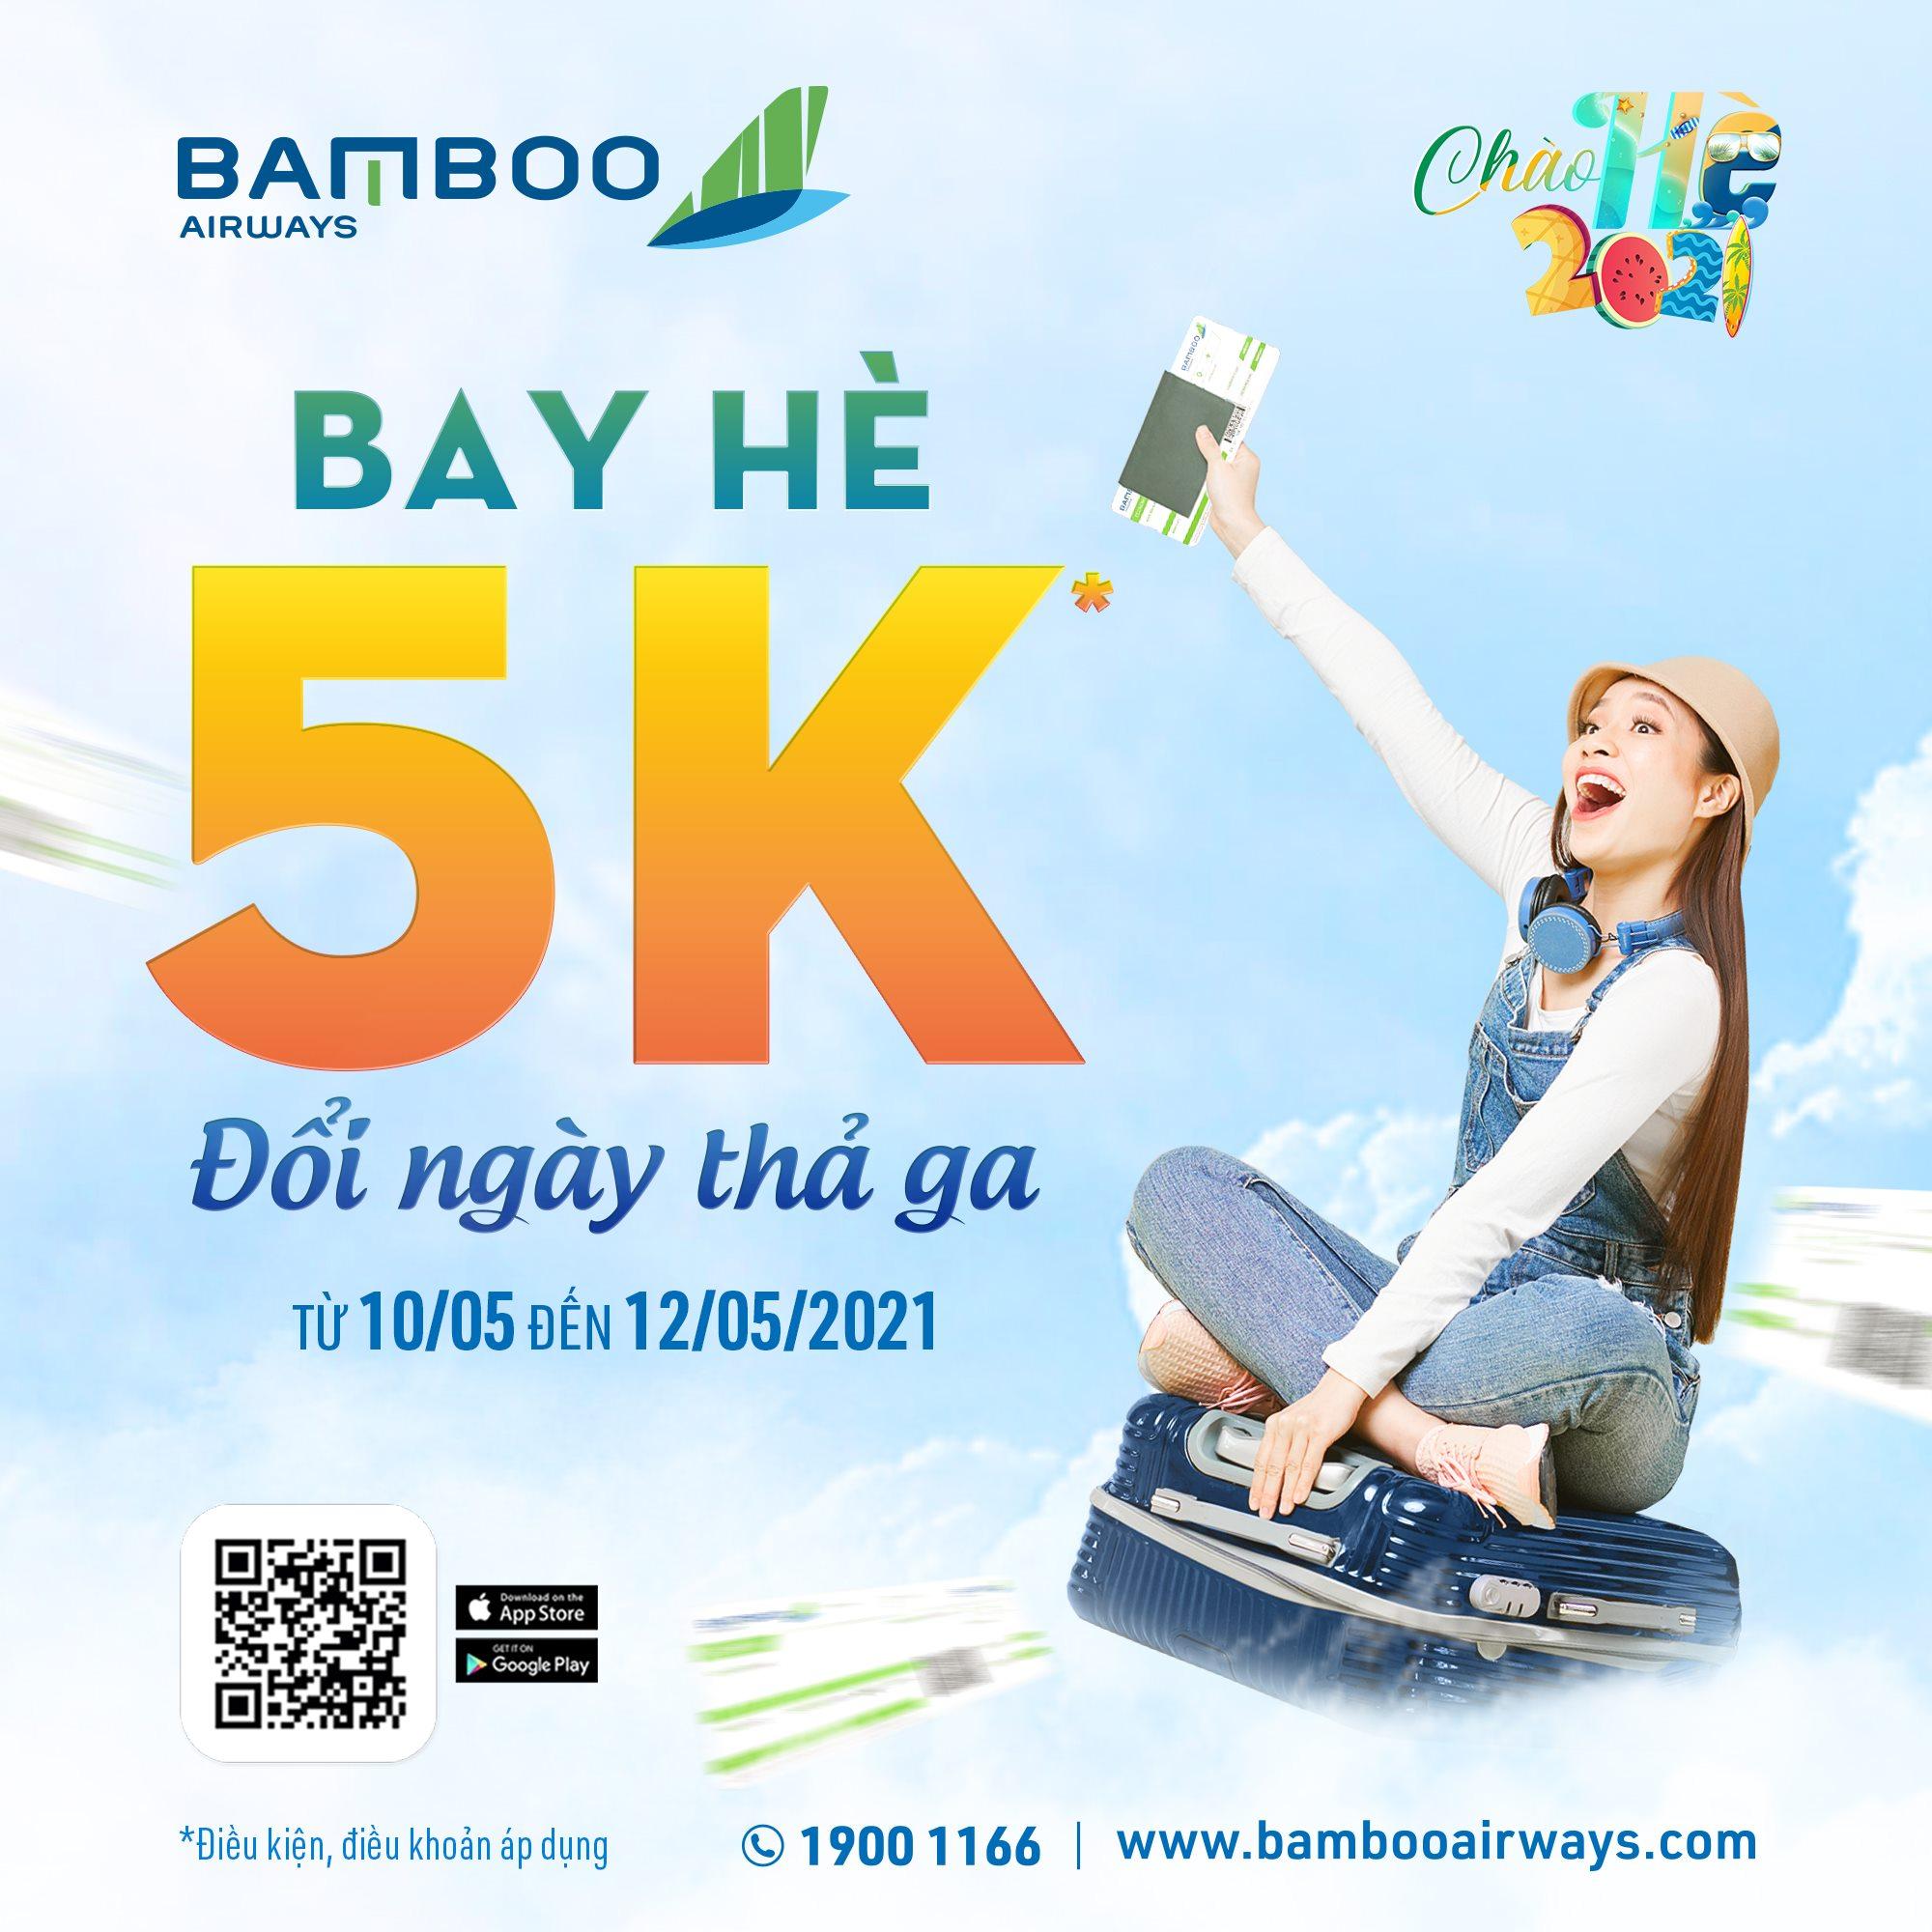 Bamboo-Airways-ivivu-1